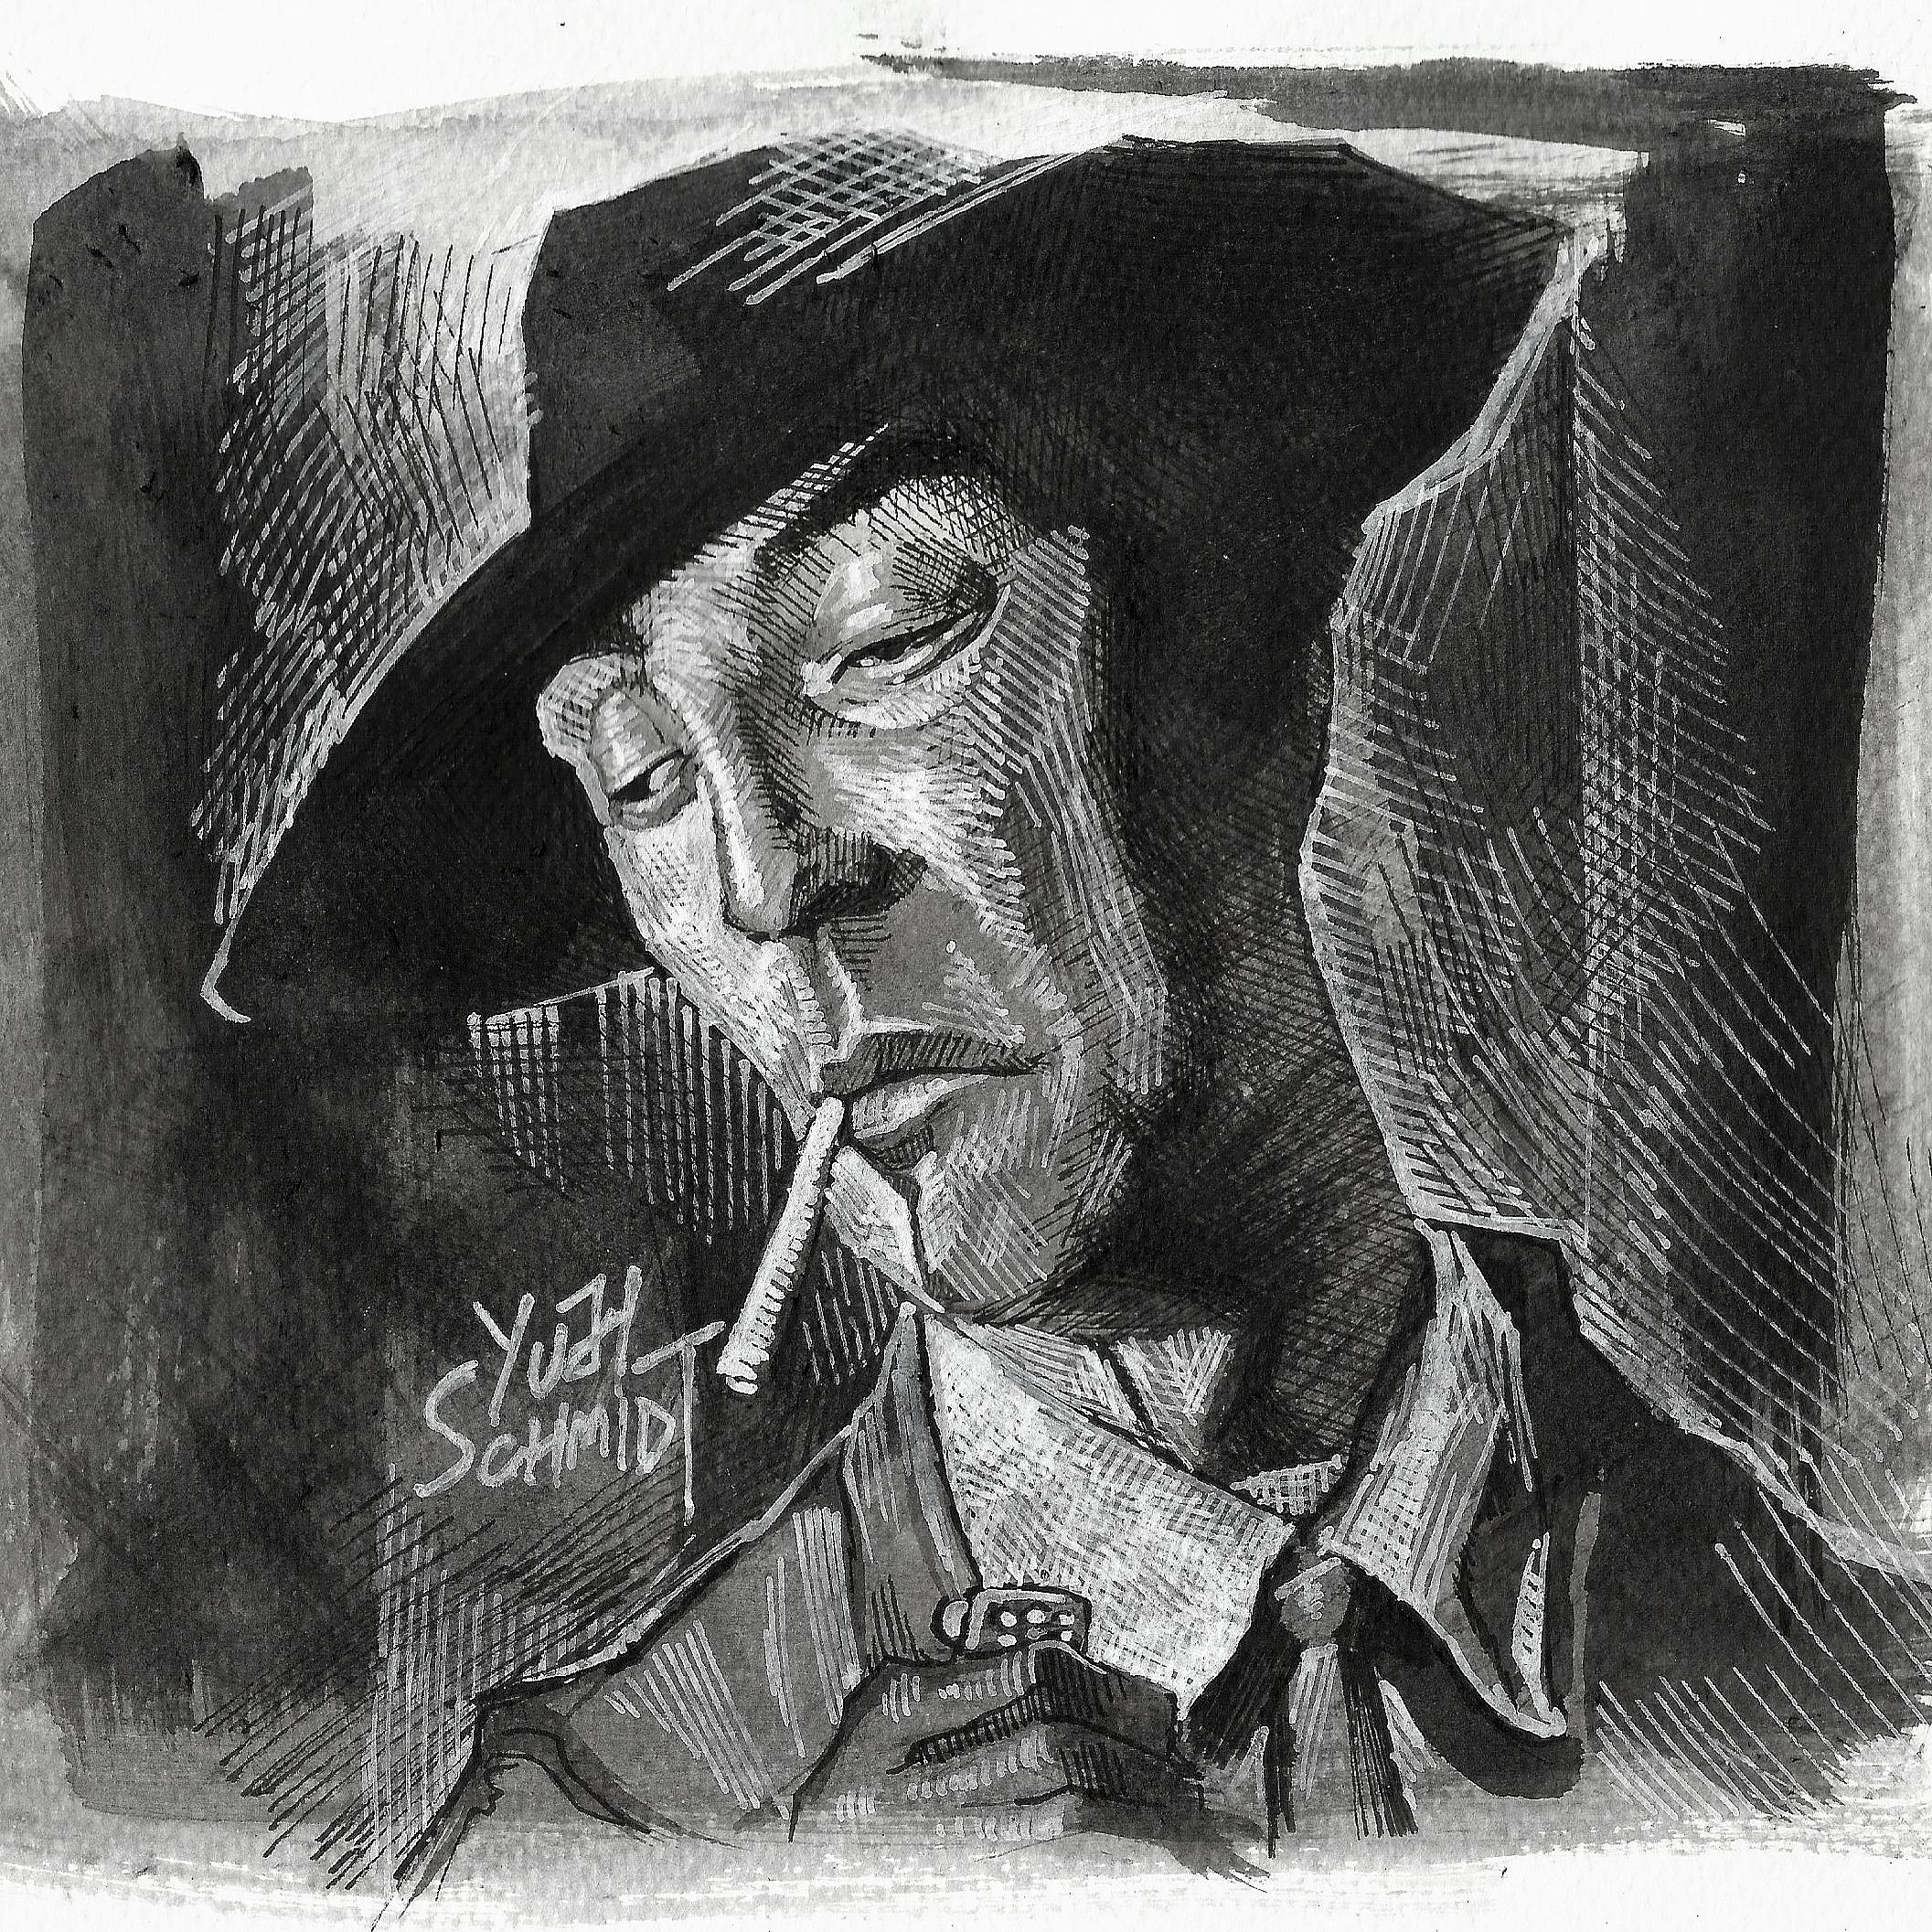 02 - Retrato Noir | Noir Portrait